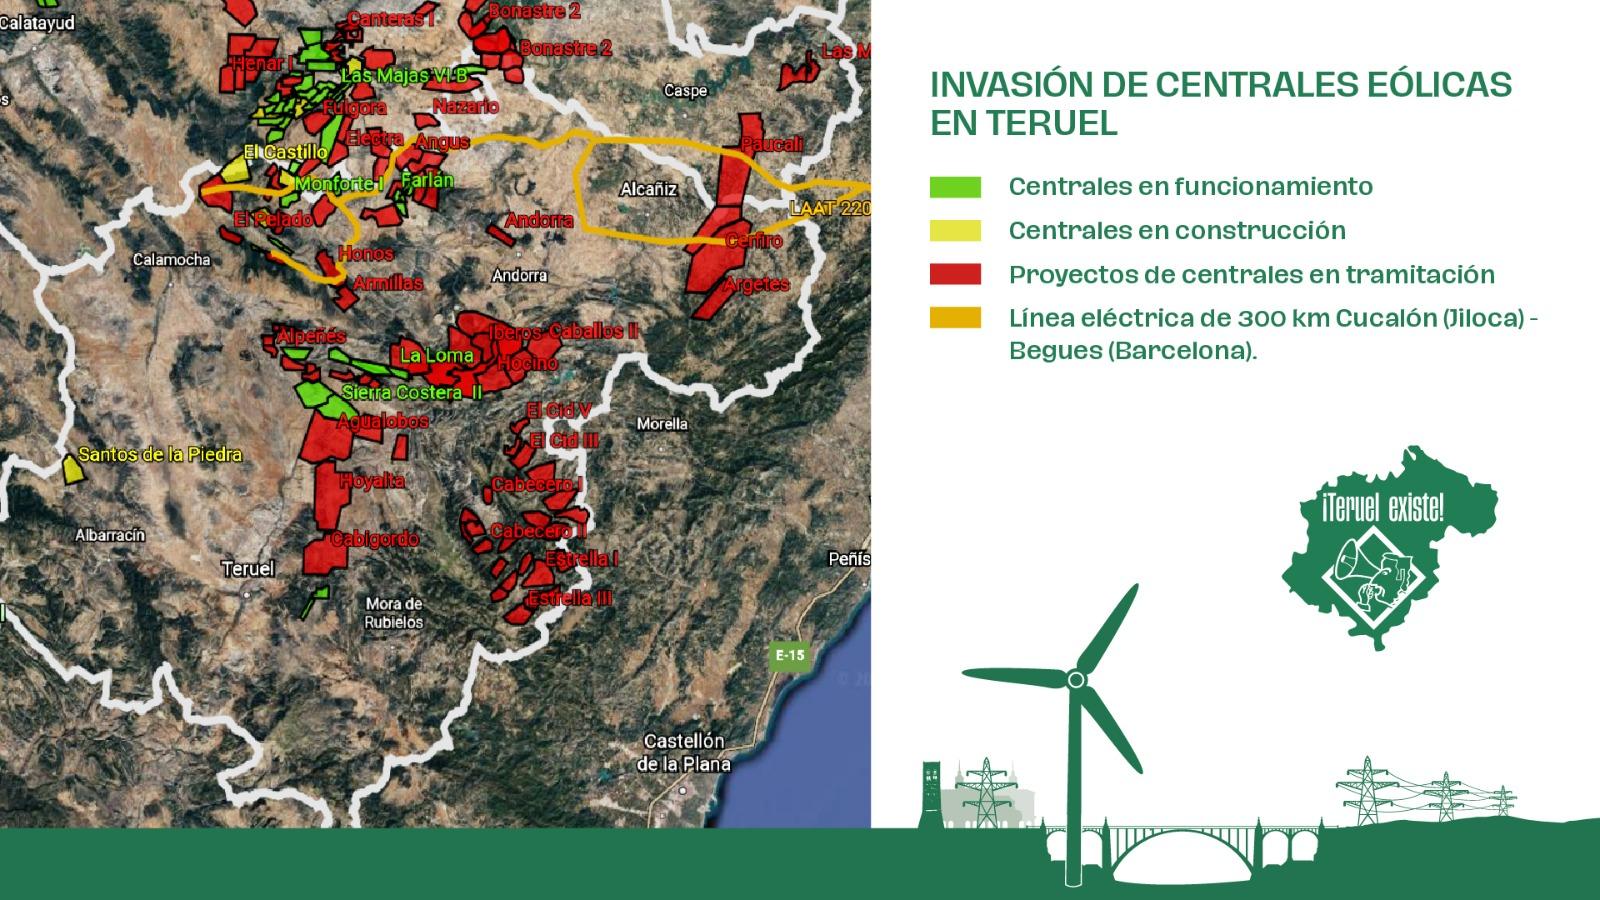 Mapa de Teruel Existe sobre la invasión de las centrales eólicas en la provincia.